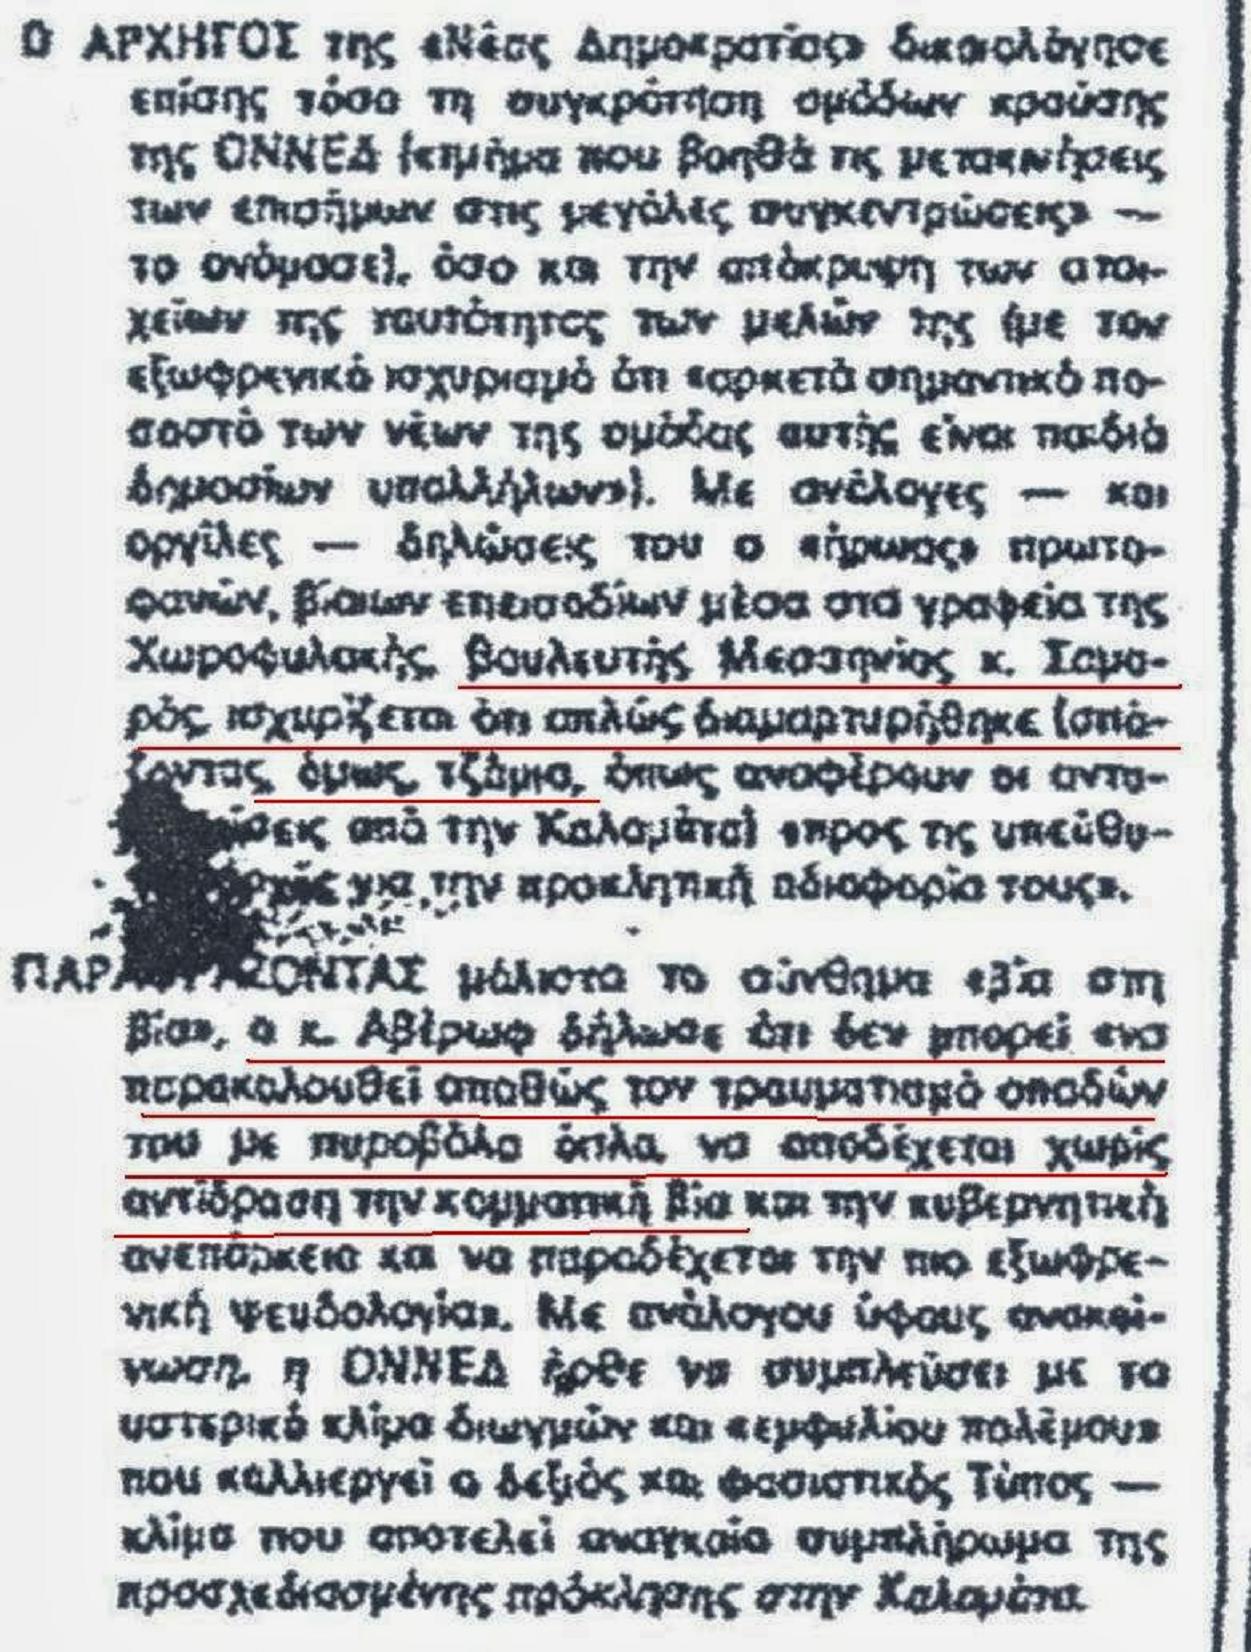 Τραμποῦκος κι ὁ Ἀντωνάκης;2